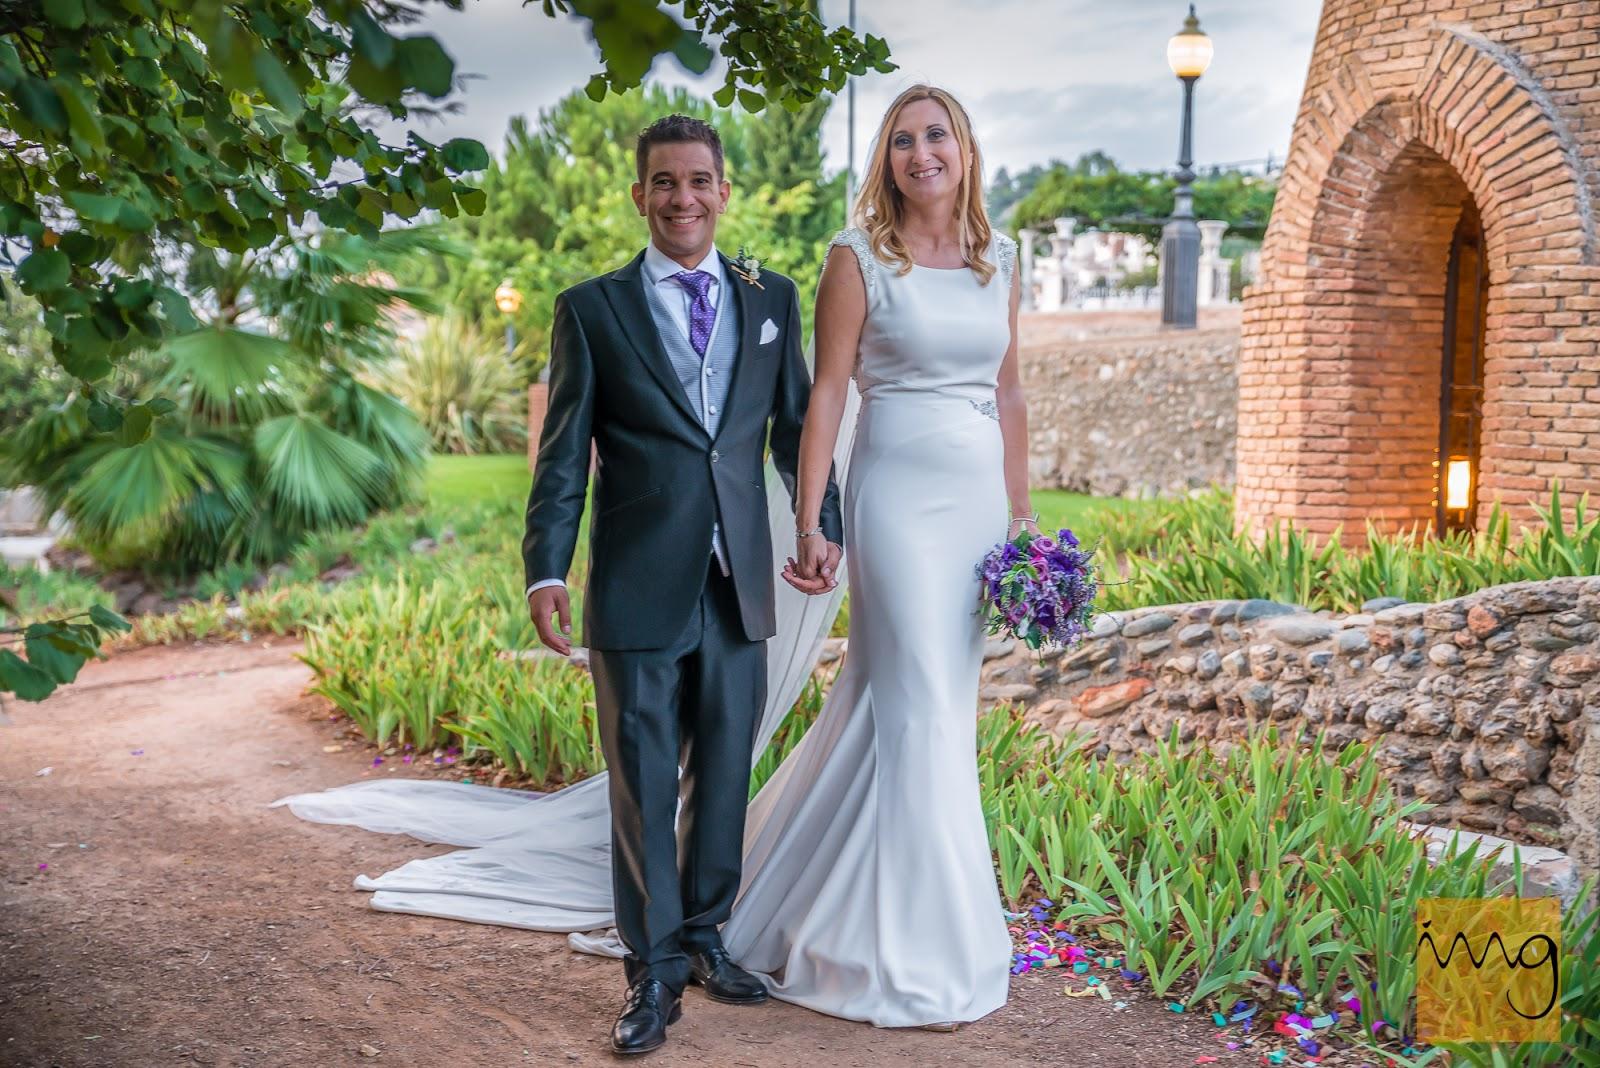 Fotografía de los novios paseando por los jardines del lugar de la celebración de la boda